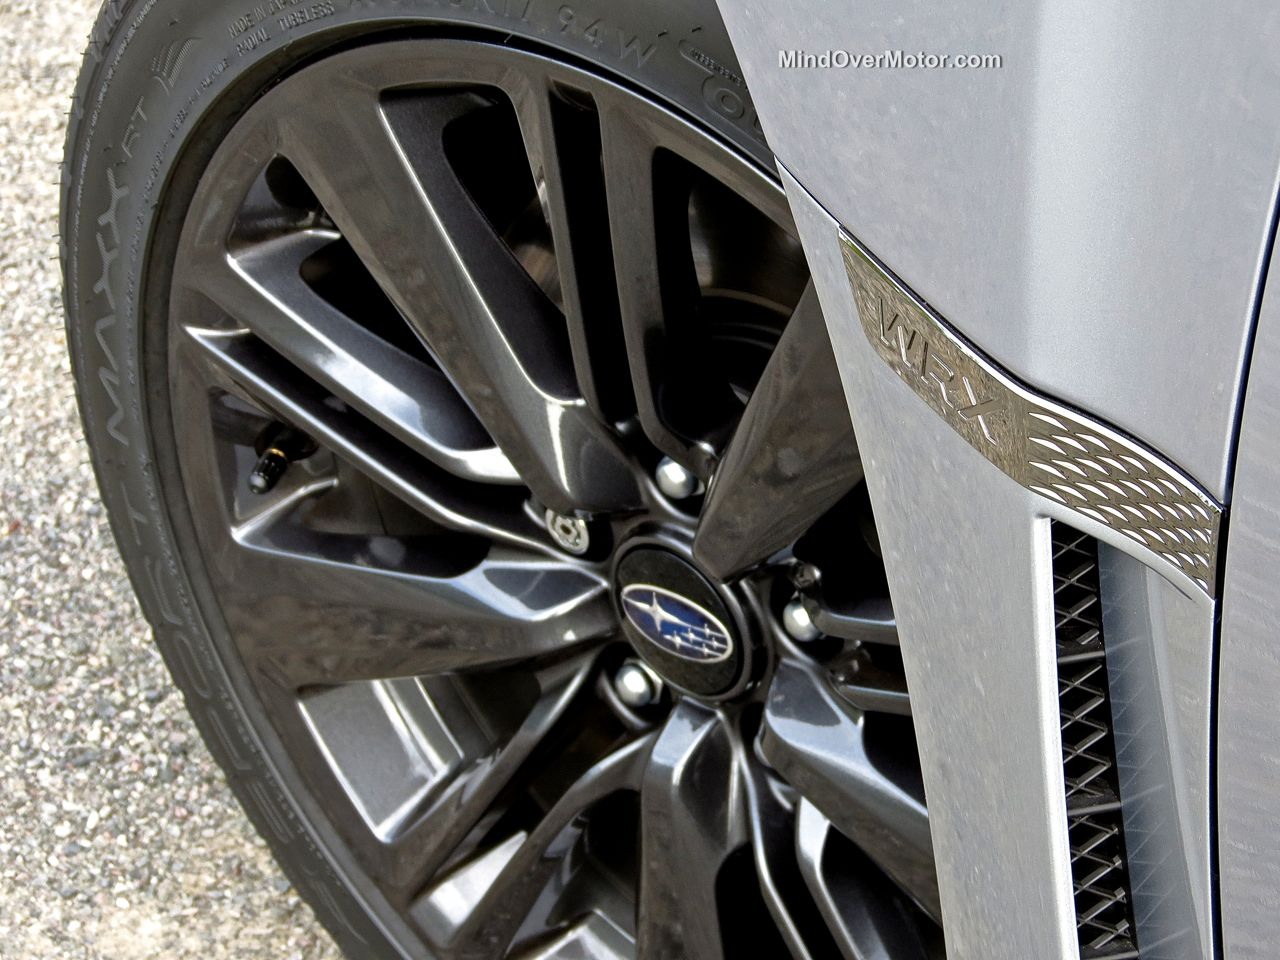 2015 Subaru WRX Wheel